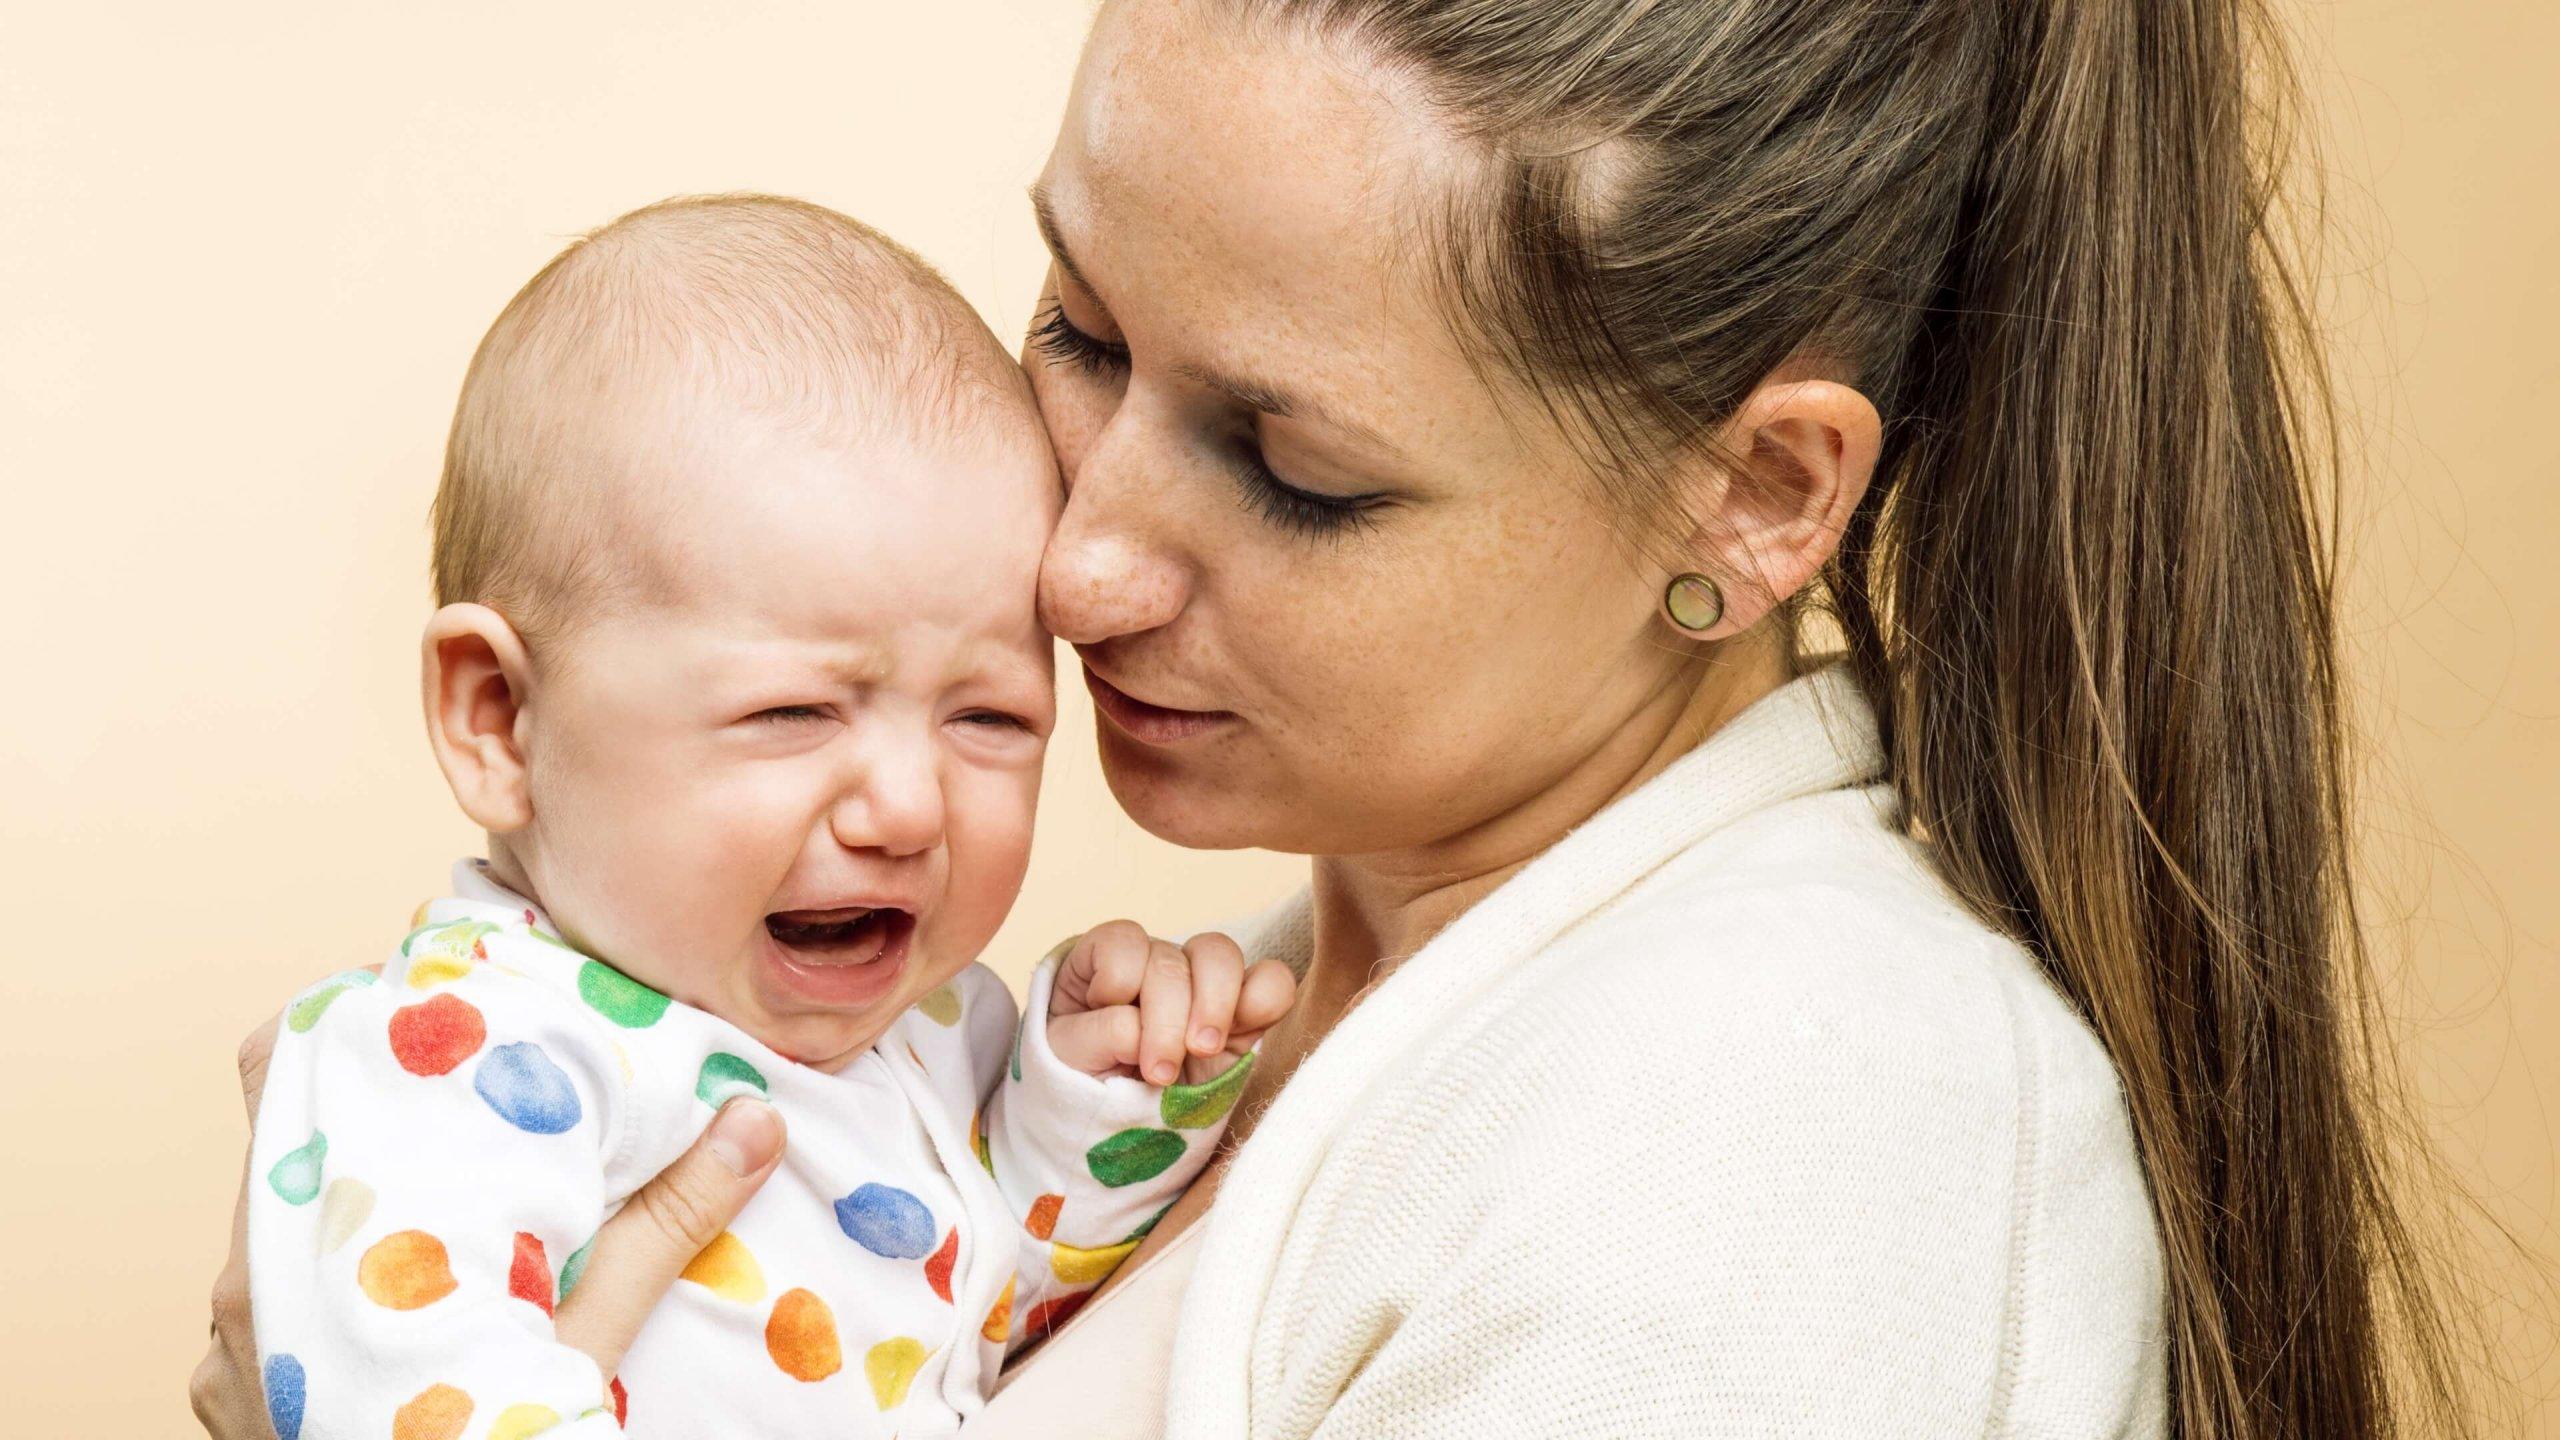 como eliminar los colicos de mi bebe